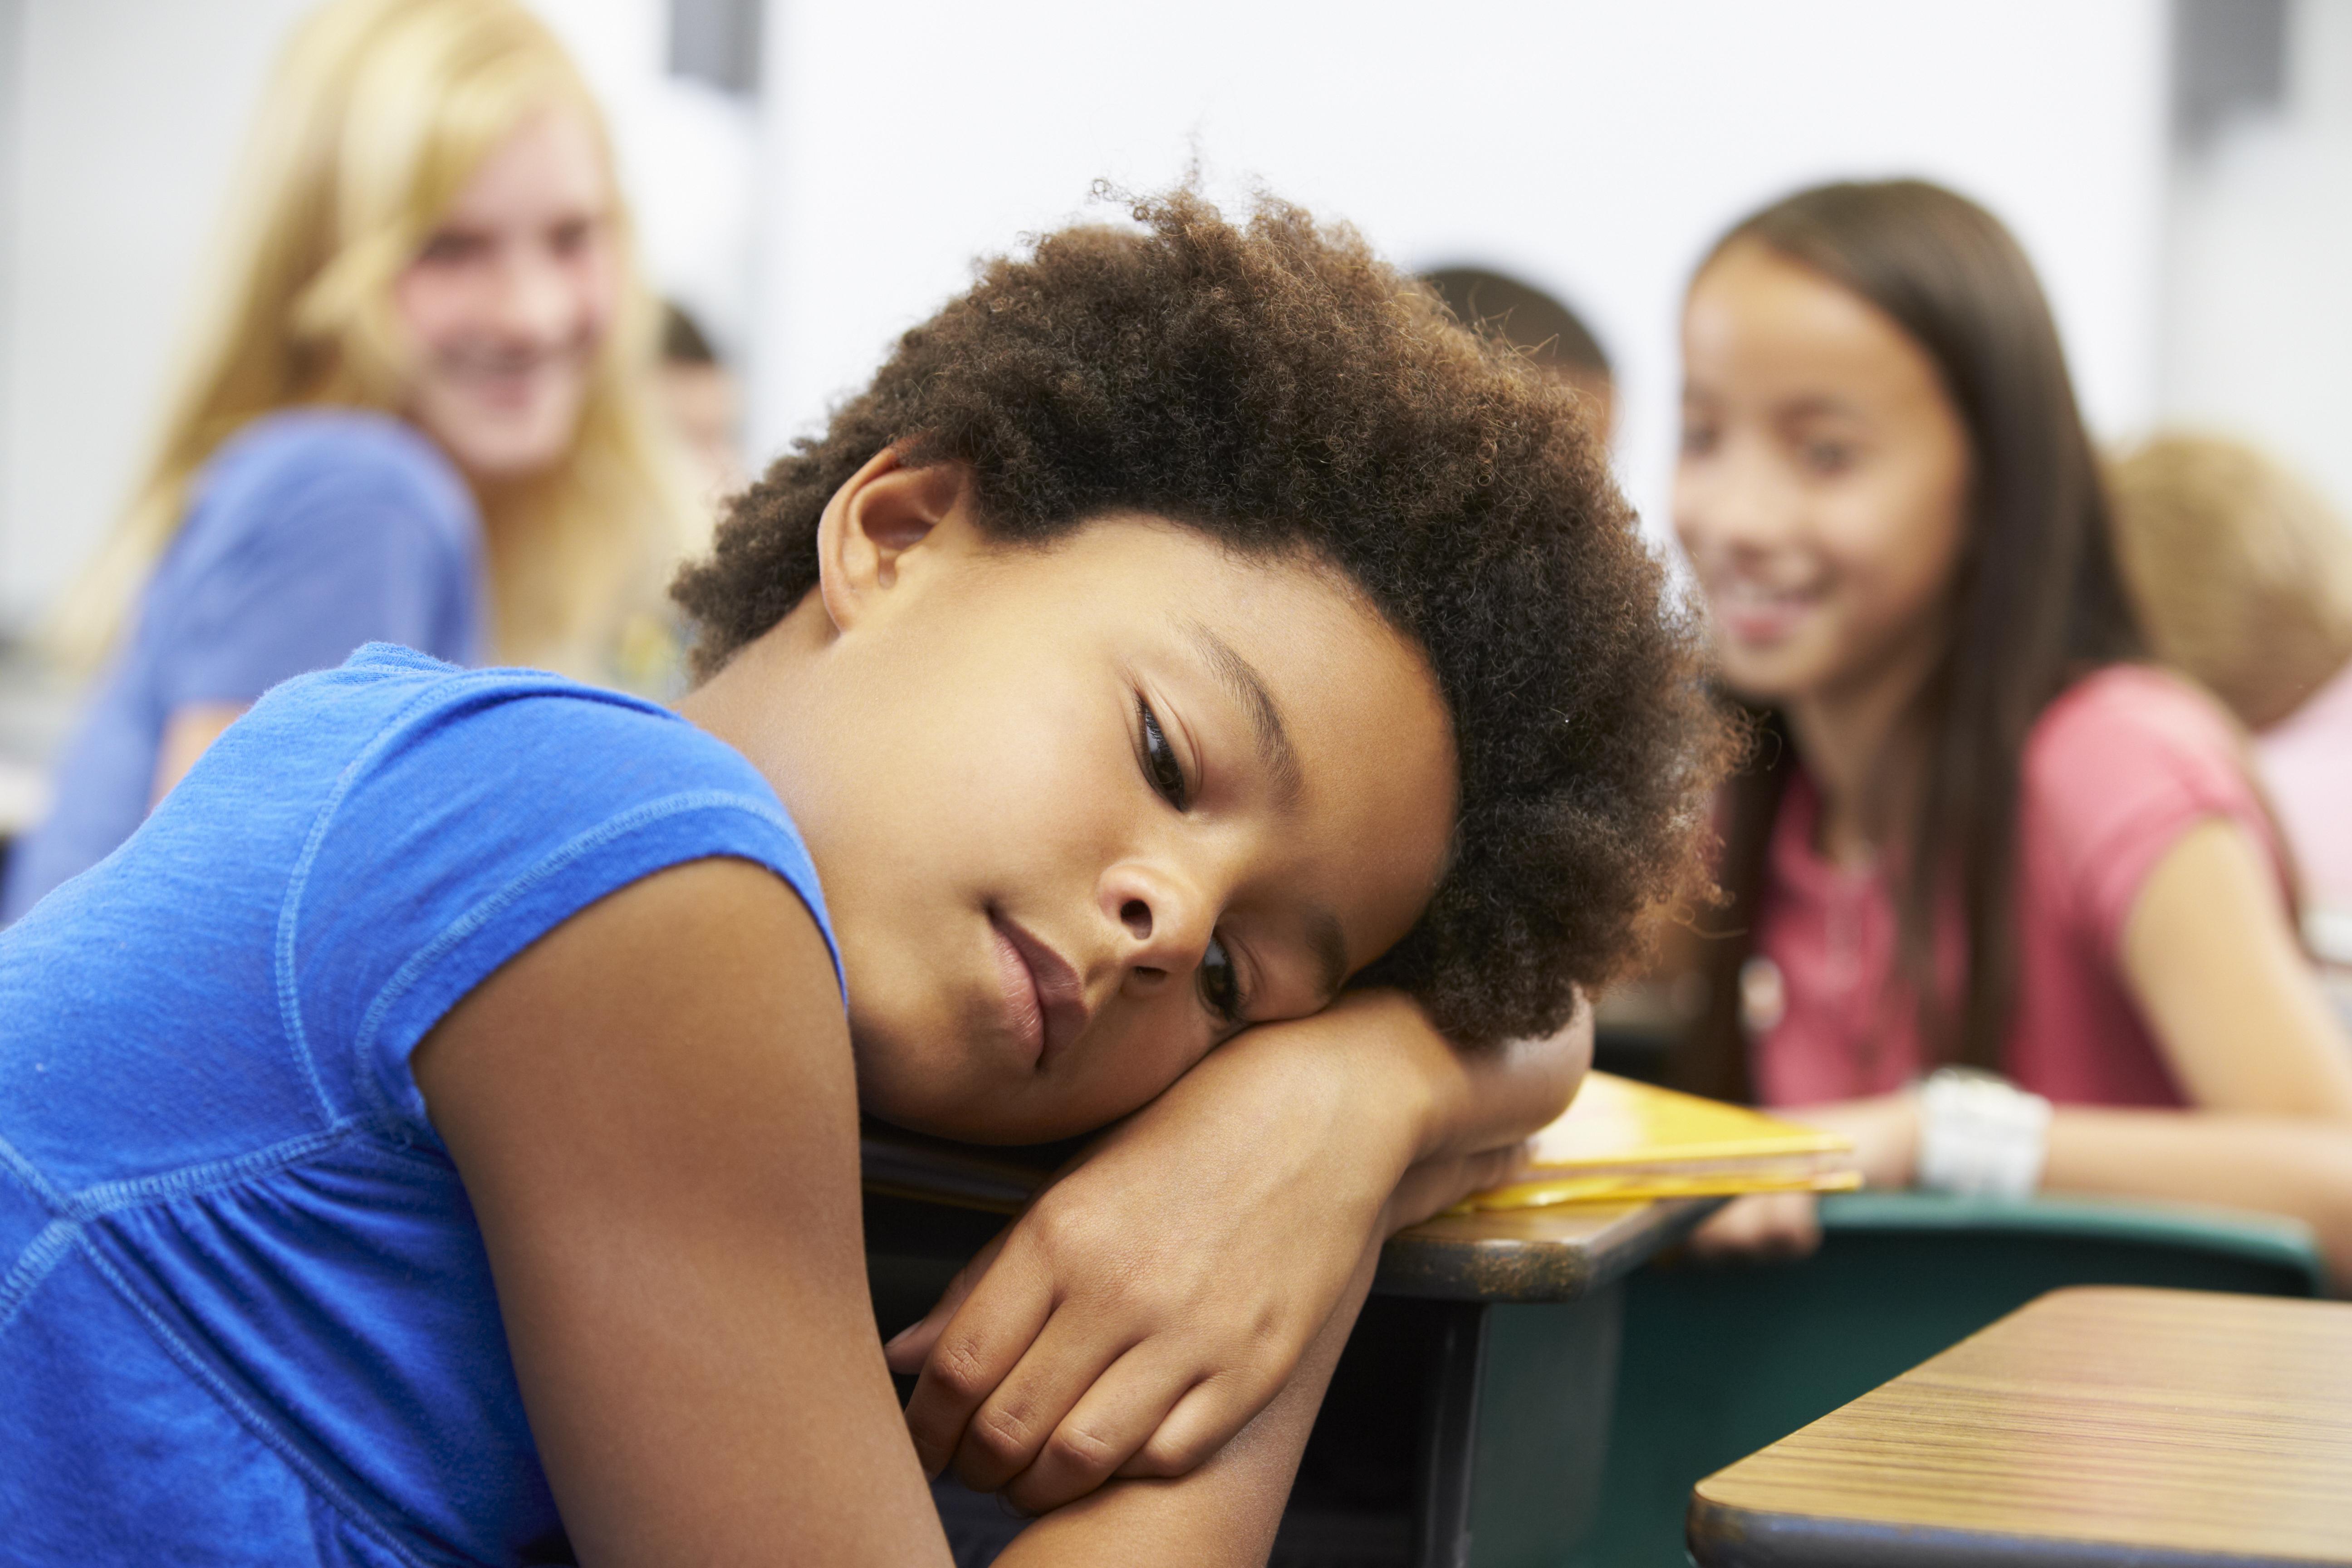 criança negra em primeiro plano com crianças rindo dela em segundo plano